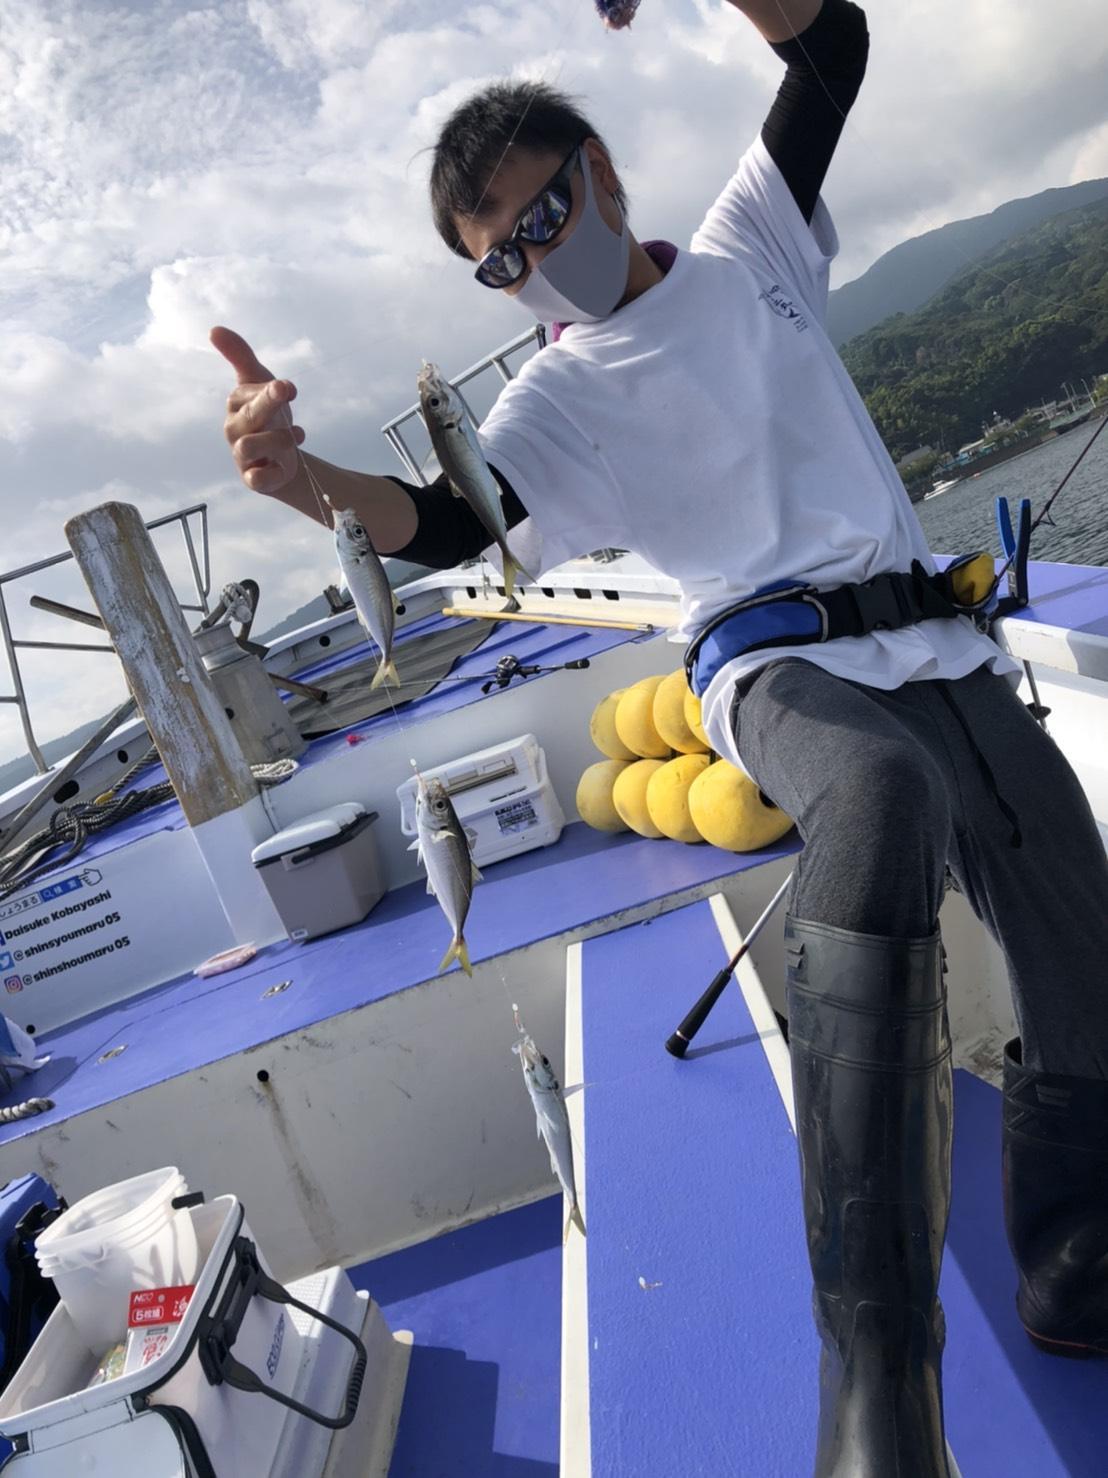 アジは入れ食いです!食べても美味しいアジなのでお土産に最高です!イシグロオリジナル「漁サビキ ピンクスキン」を使用。沼津沖のアジサビキ釣りに対応する太ハリス仕掛けで釣れました!